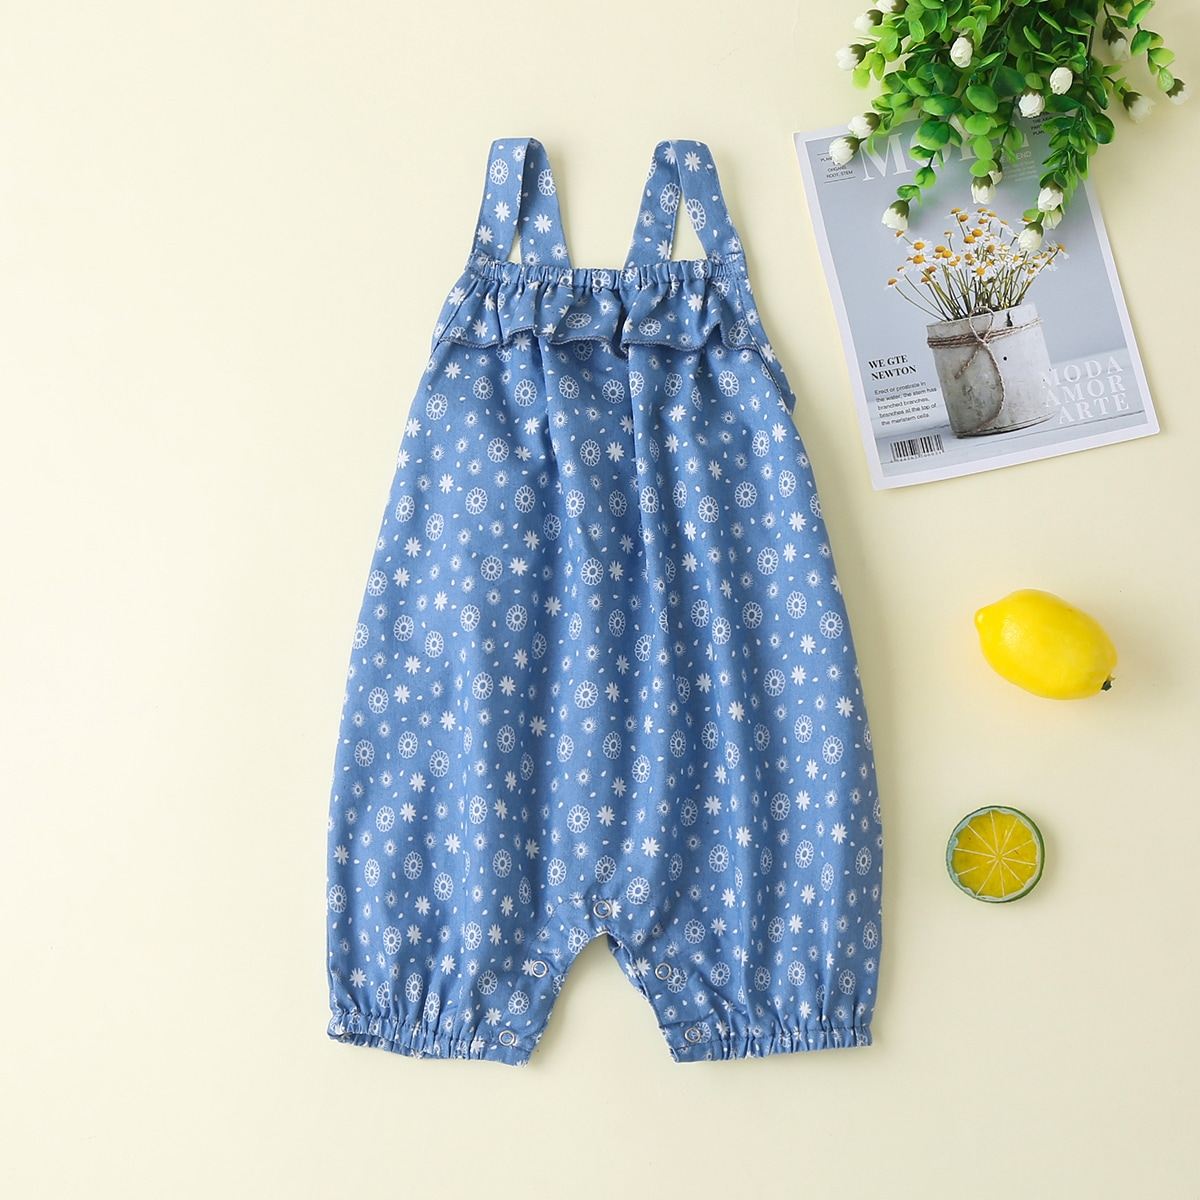 Пыльно-синий с воланами Принт всего тела Деним для малышей от SHEIN